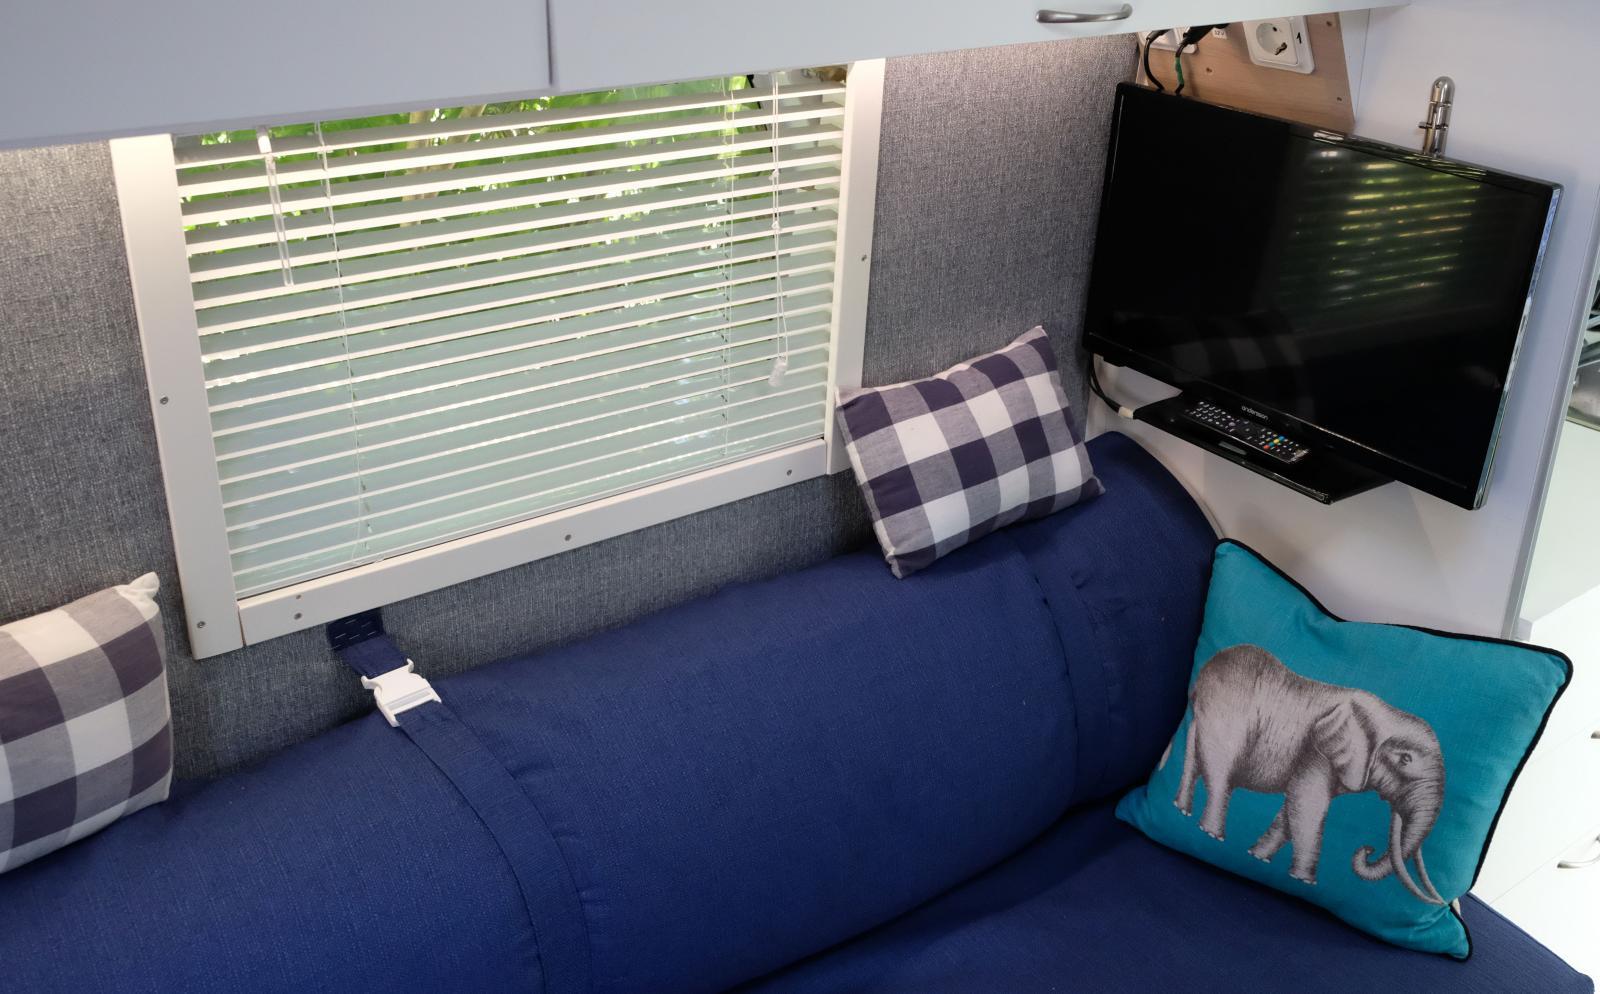 Persienner finns till varje fönster. Teven kan skjutas ut så den hamnar mitt mellan sängarna. Eller fästas ovan utvikbara bordet.